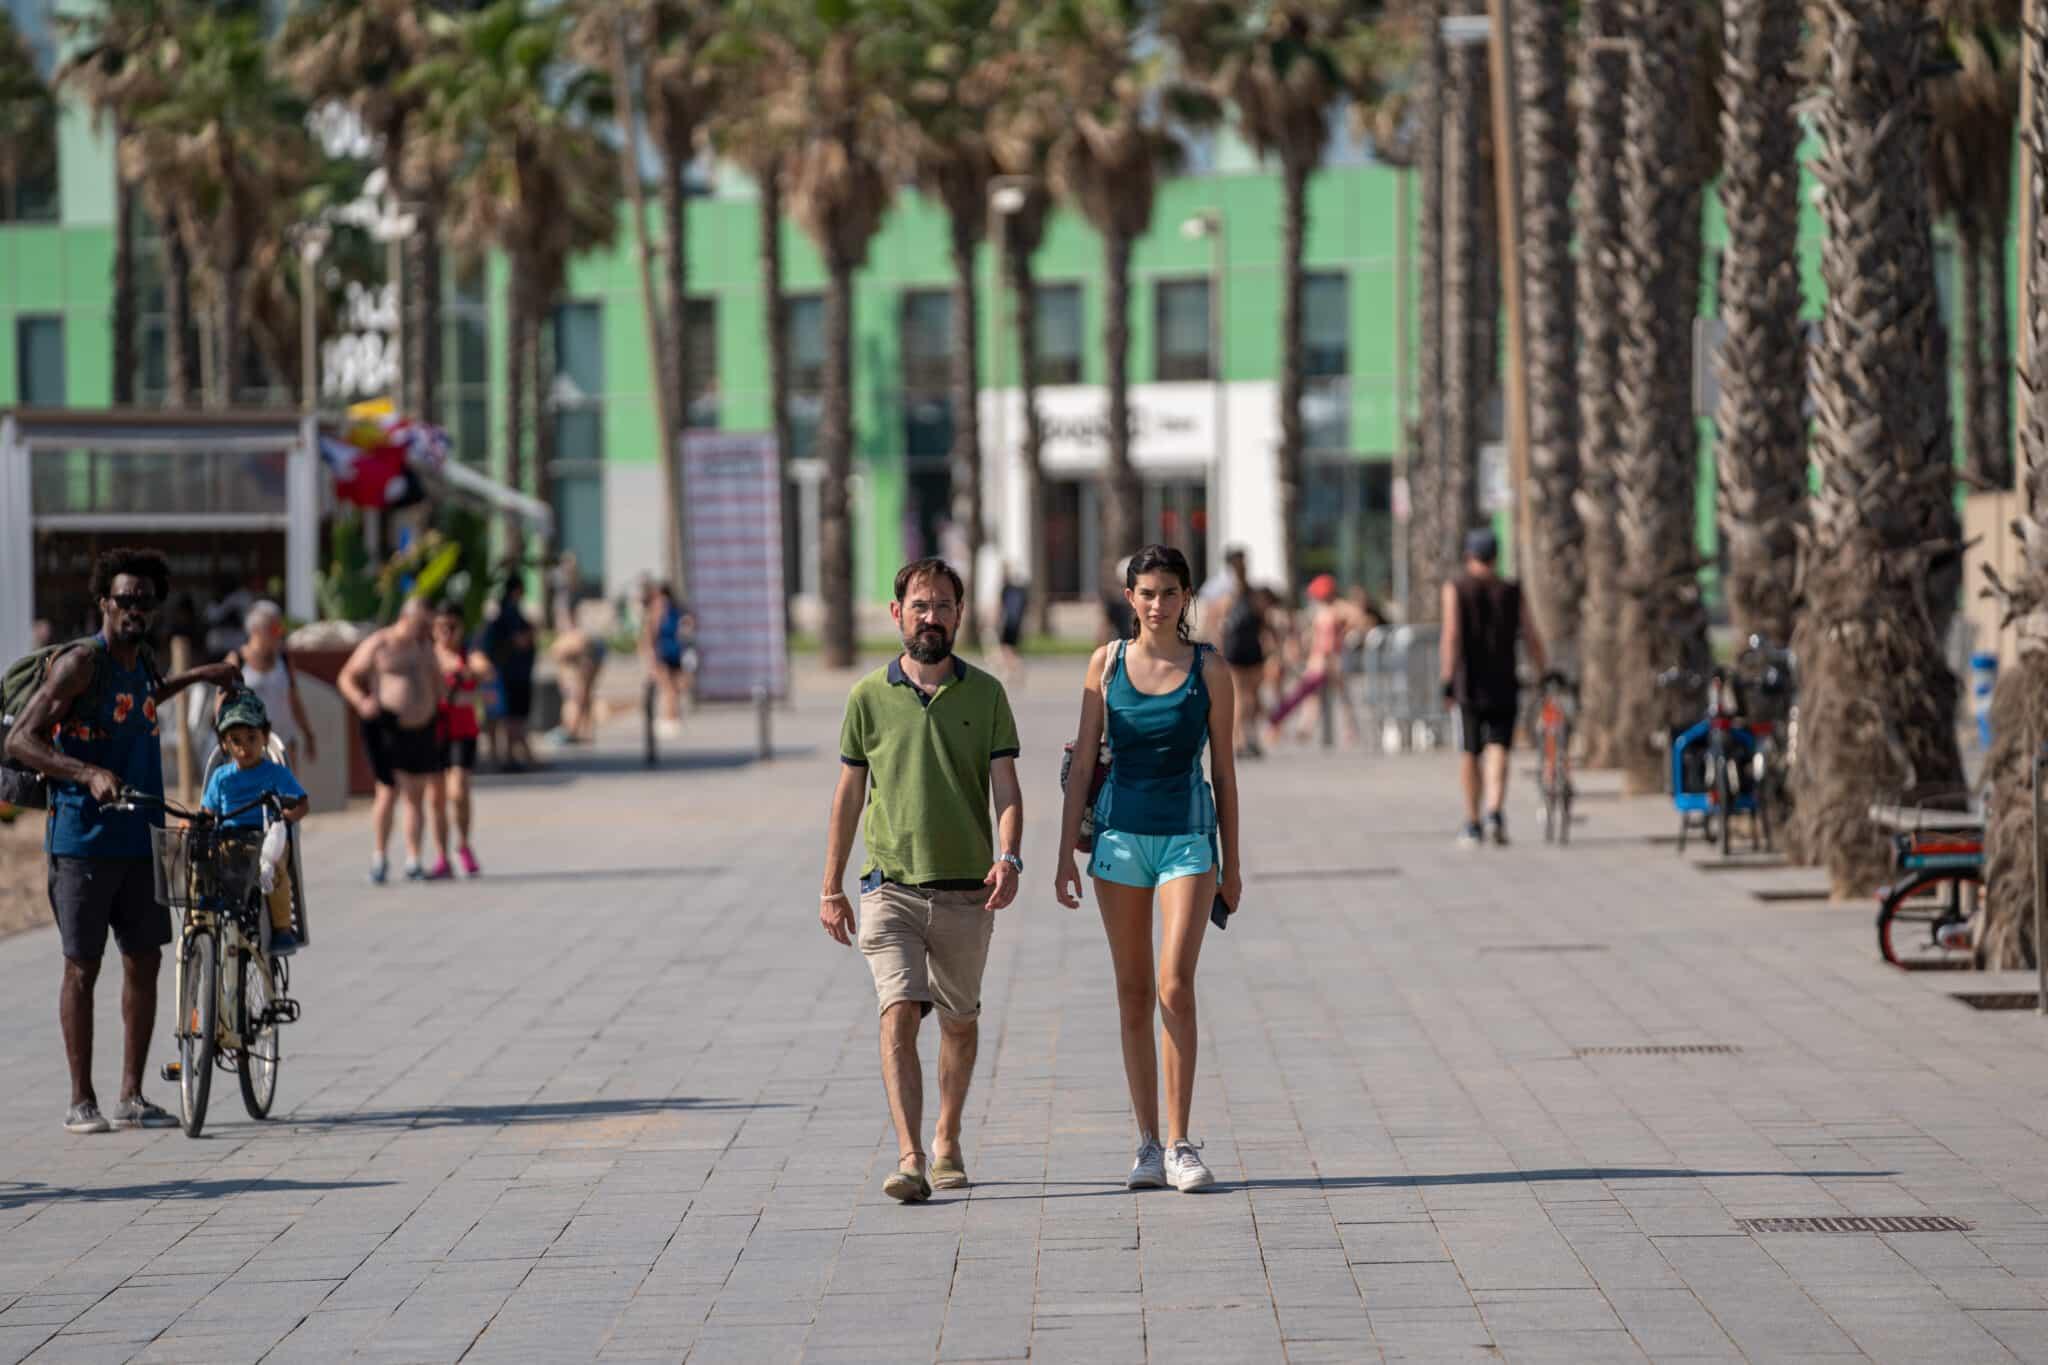 Una pareja pasea sin mascarilla delante del Hotel Vela, durante el primer día en el que no es obligado el uso de la mascarilla en exteriores.